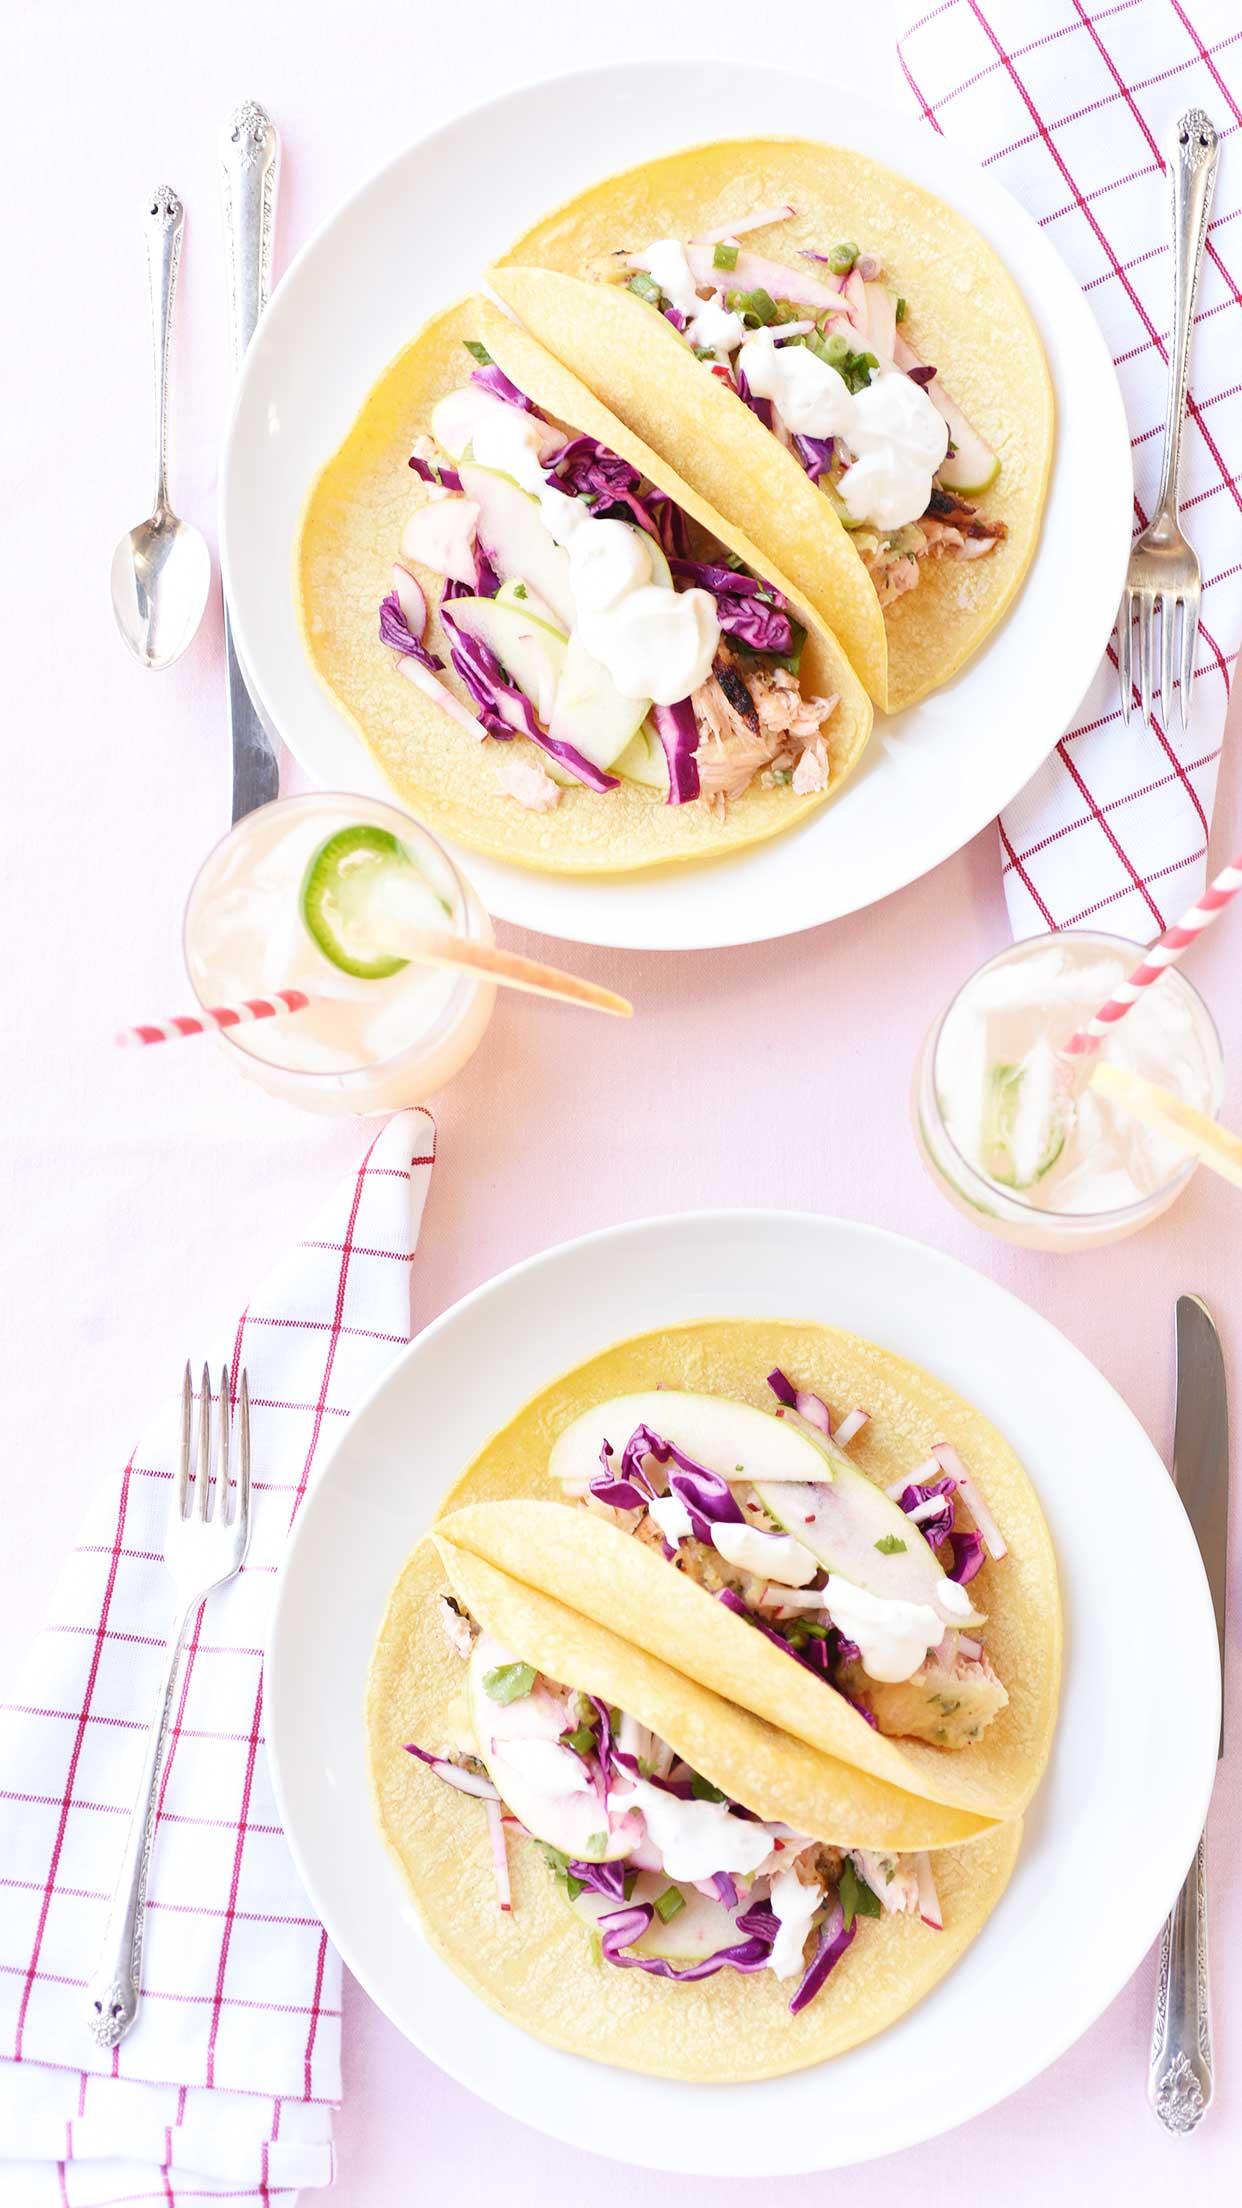 Northwest Tacos with Apple Radish Slaw